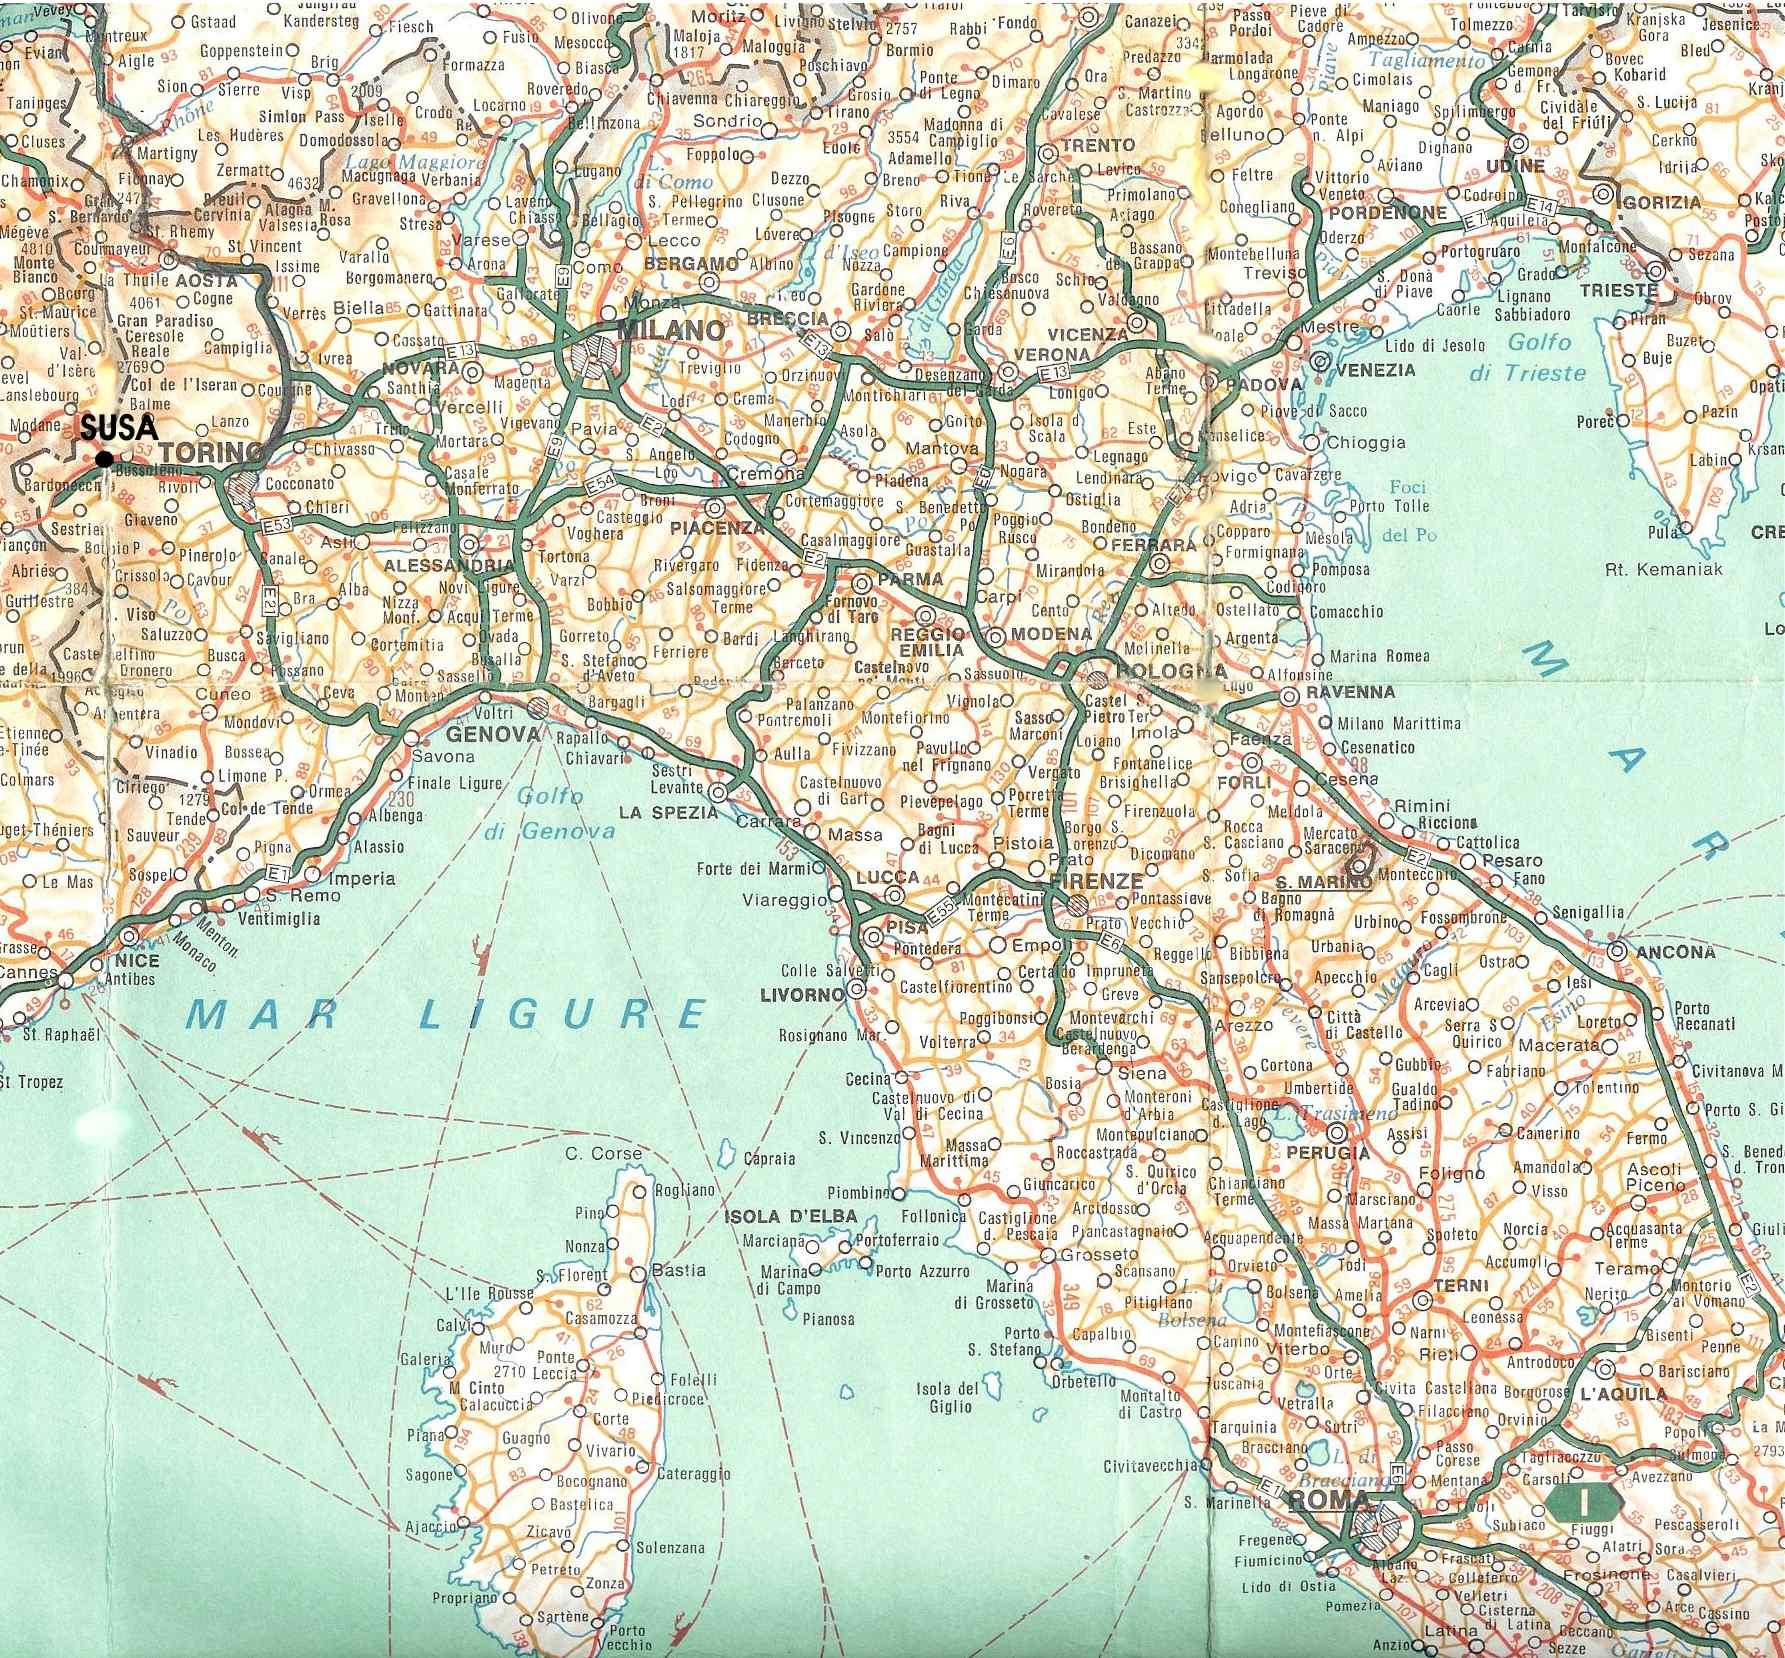 Cartina Stradale Sardegna Nord Ovest.Embargo Cronică Ornament Italia Mappa Stradale Amazon Mariacastrojato Com